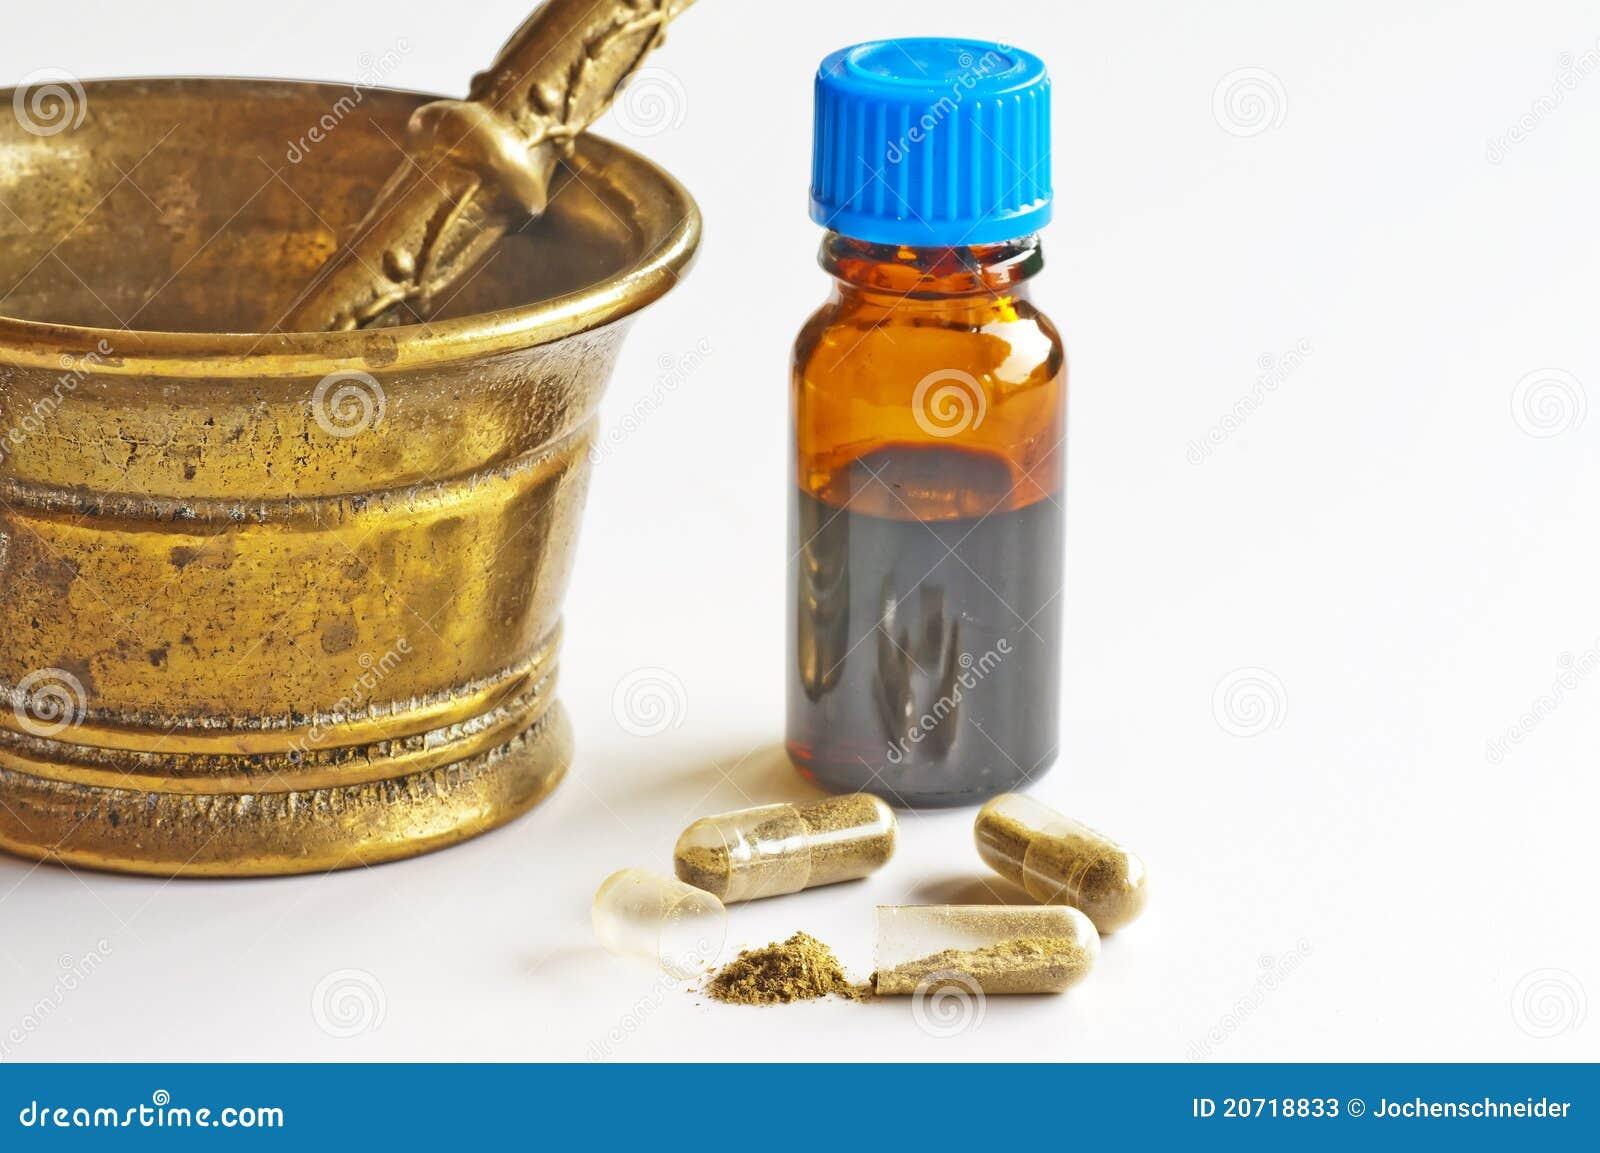 Pillstincture